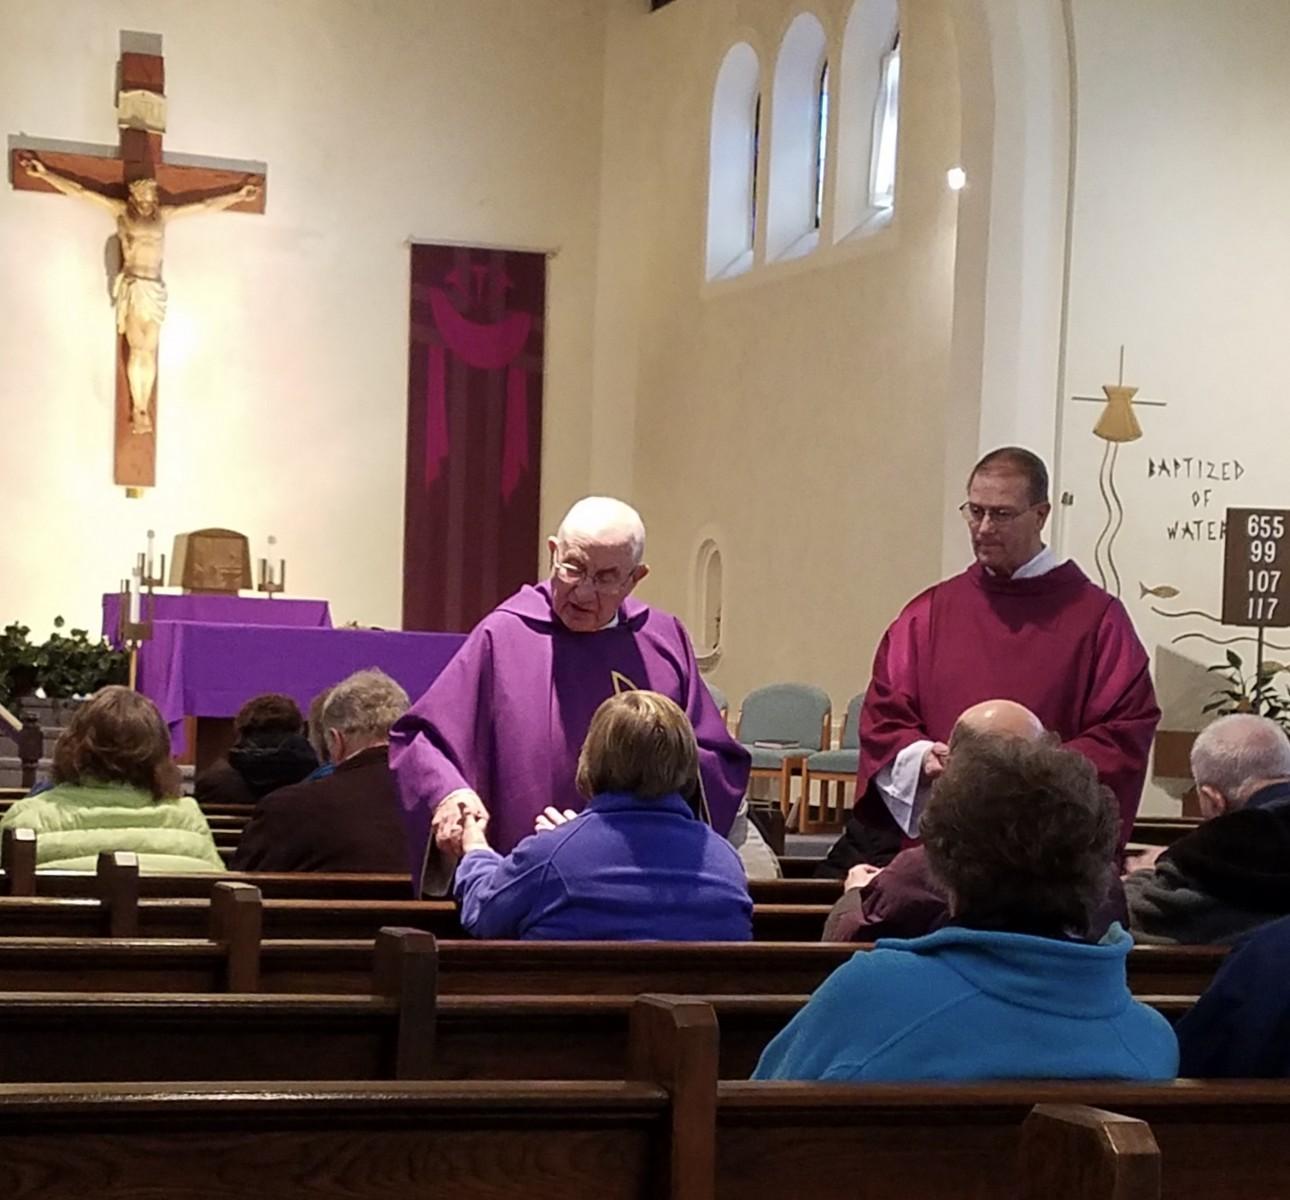 St. Peter and St. Hubert Parish